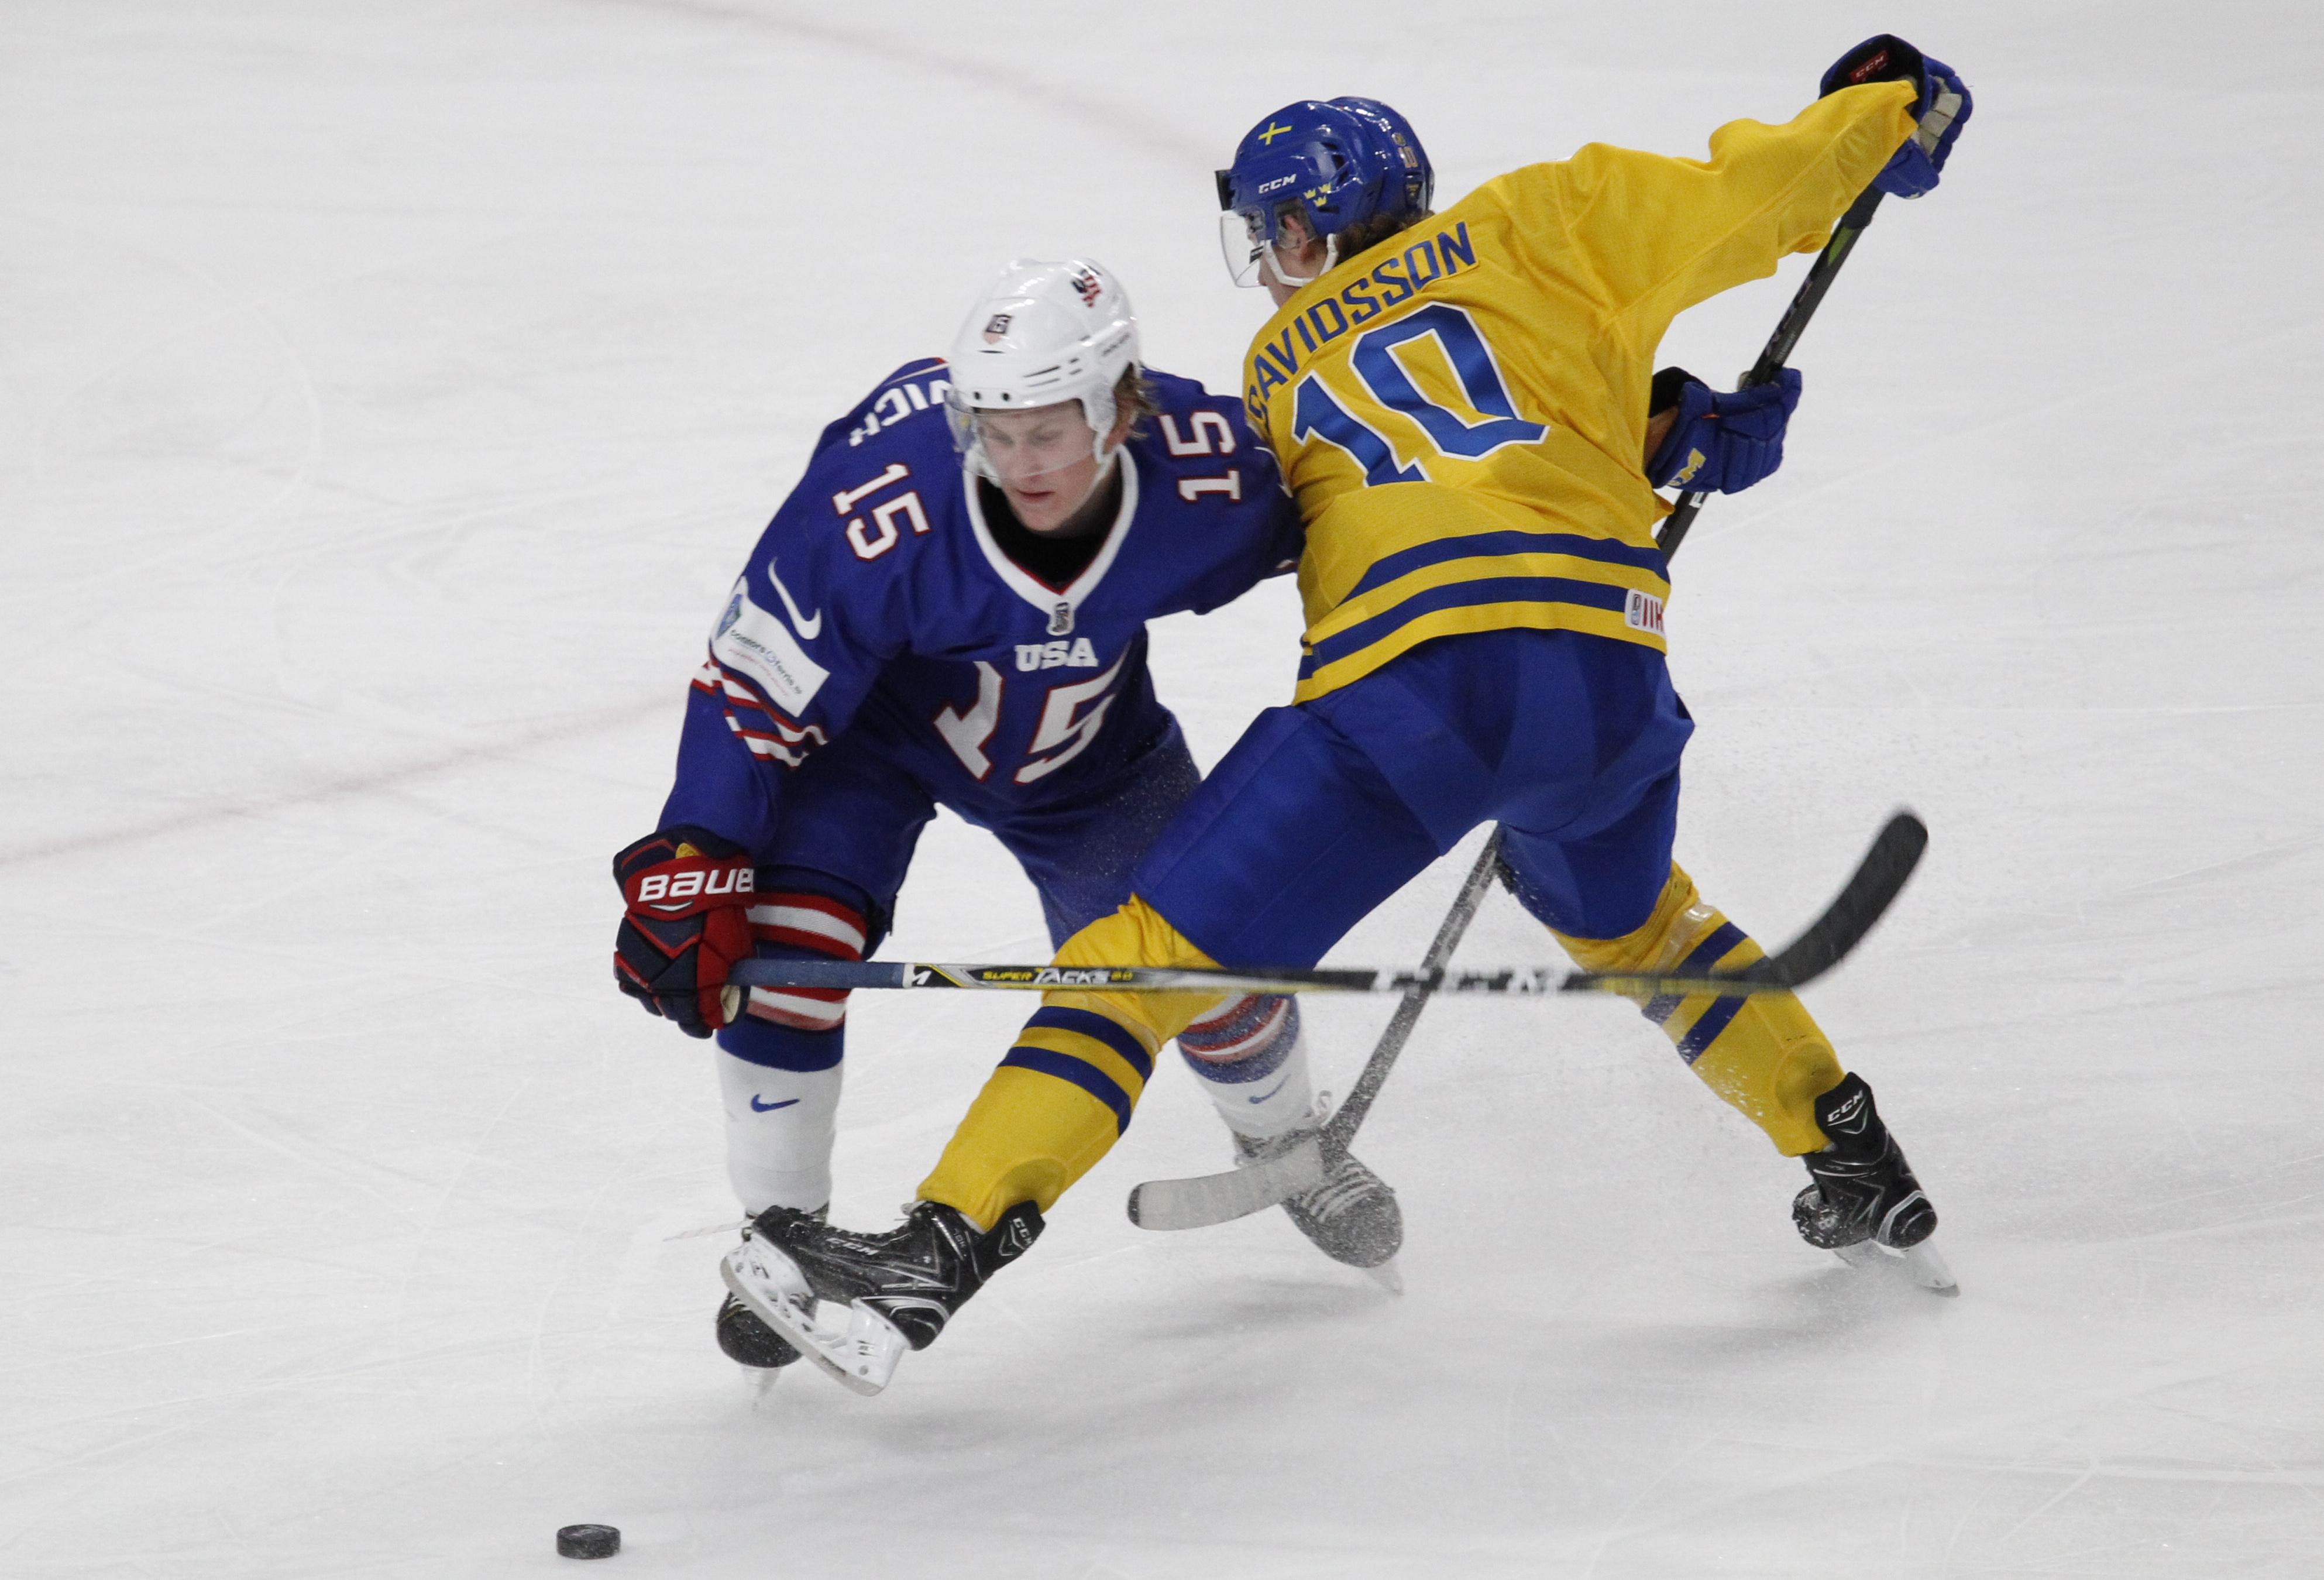 664f1dc97fa Sweden routs US in World Juniors semifinal - The Boston Globe